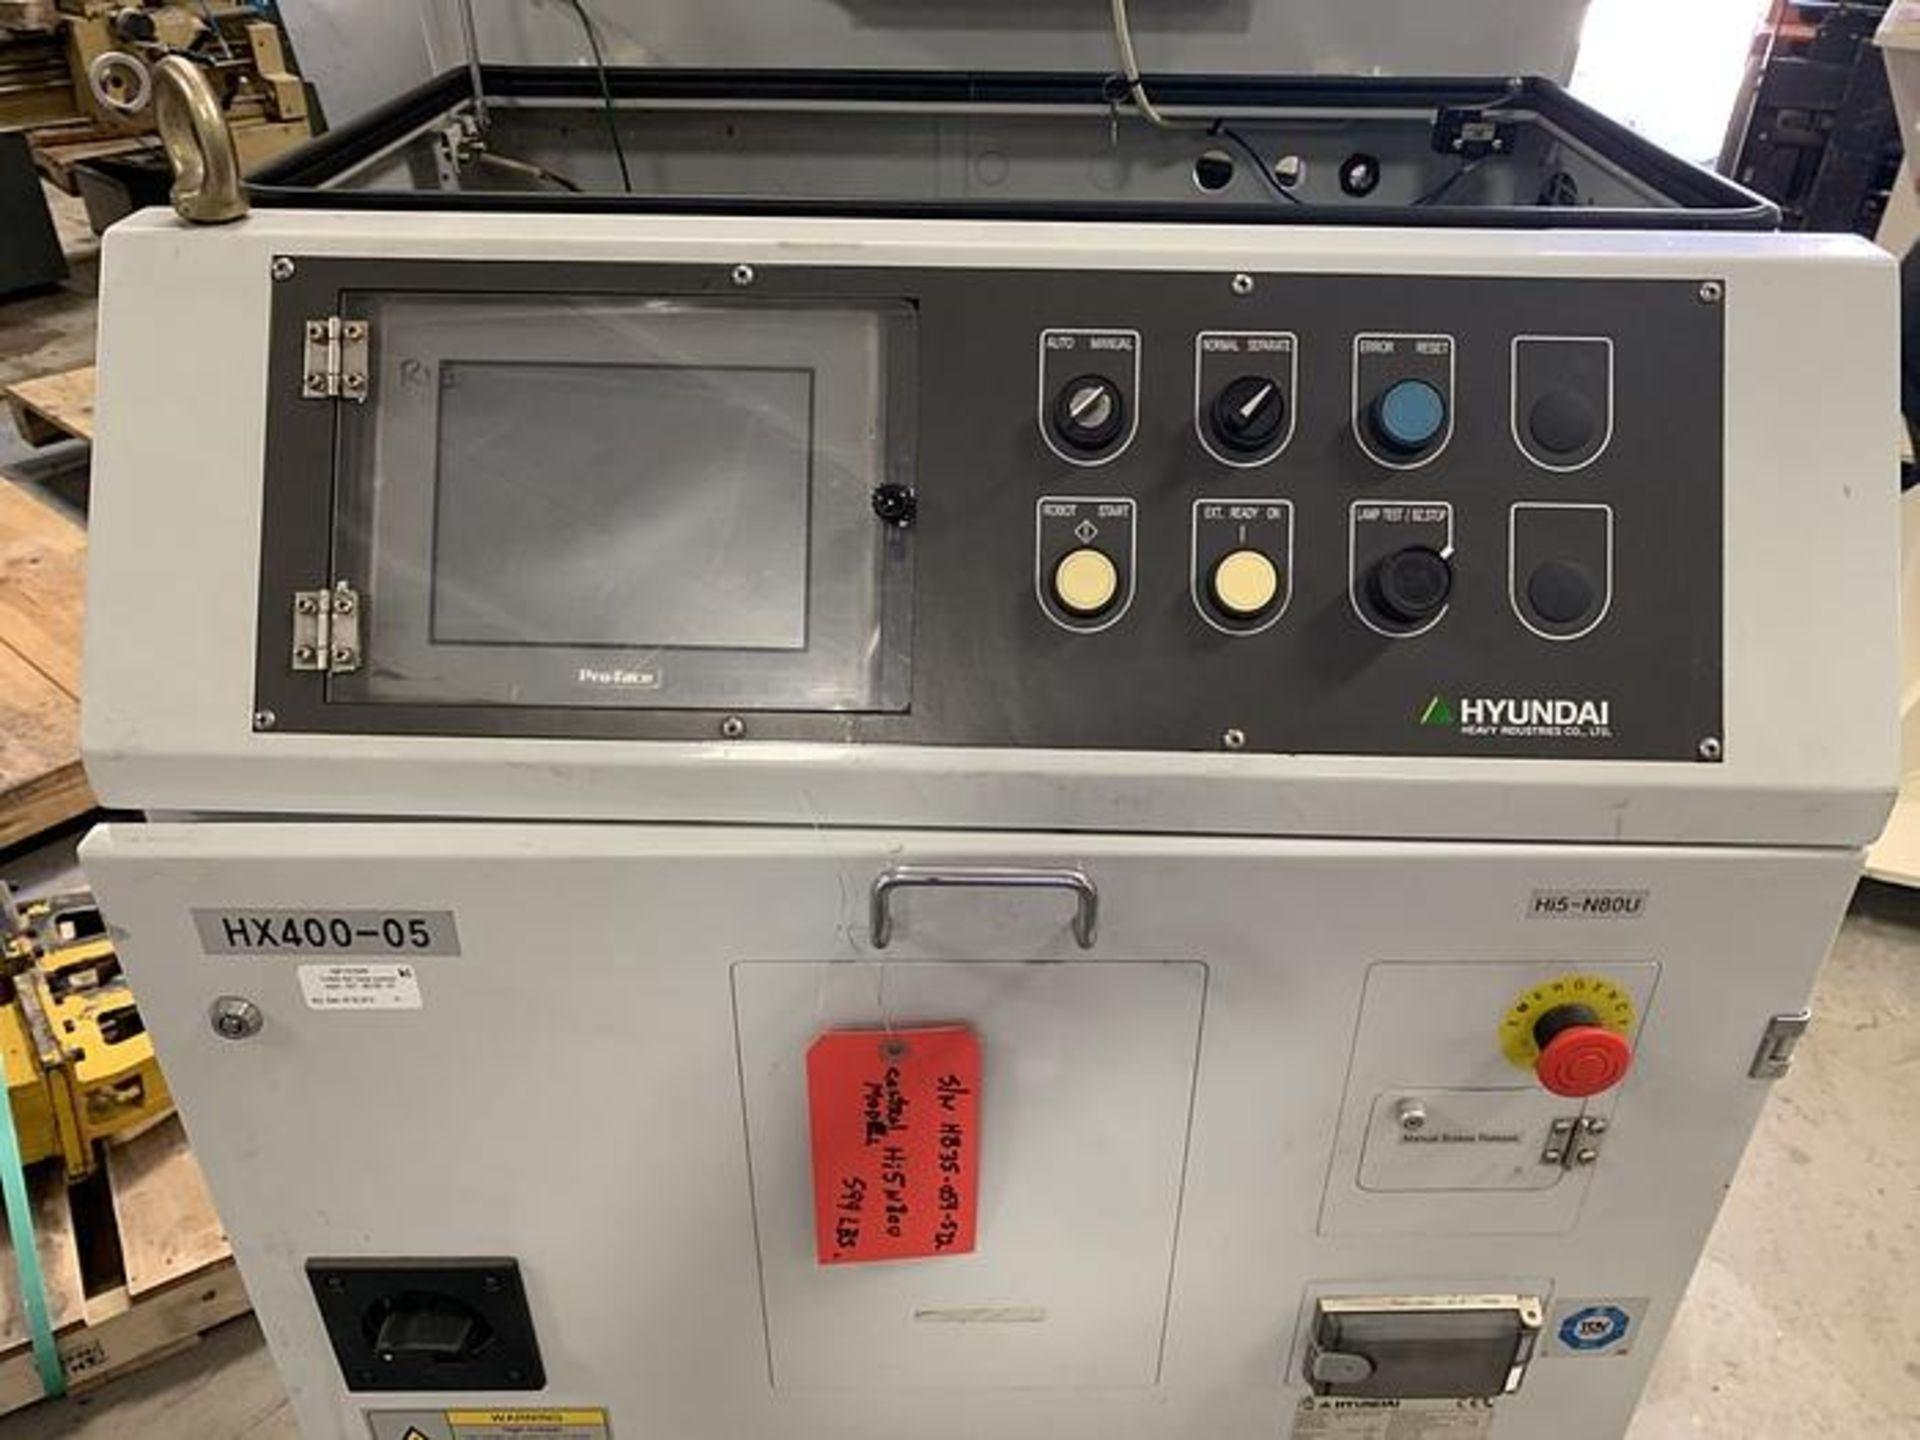 HYUNDIA MODEL HX400 400KG X 2573MM Hi5-N80U CONT. 6 AXIS CNC ROBOT, YEAR 2012, SN HB35-054-572 - Image 9 of 21